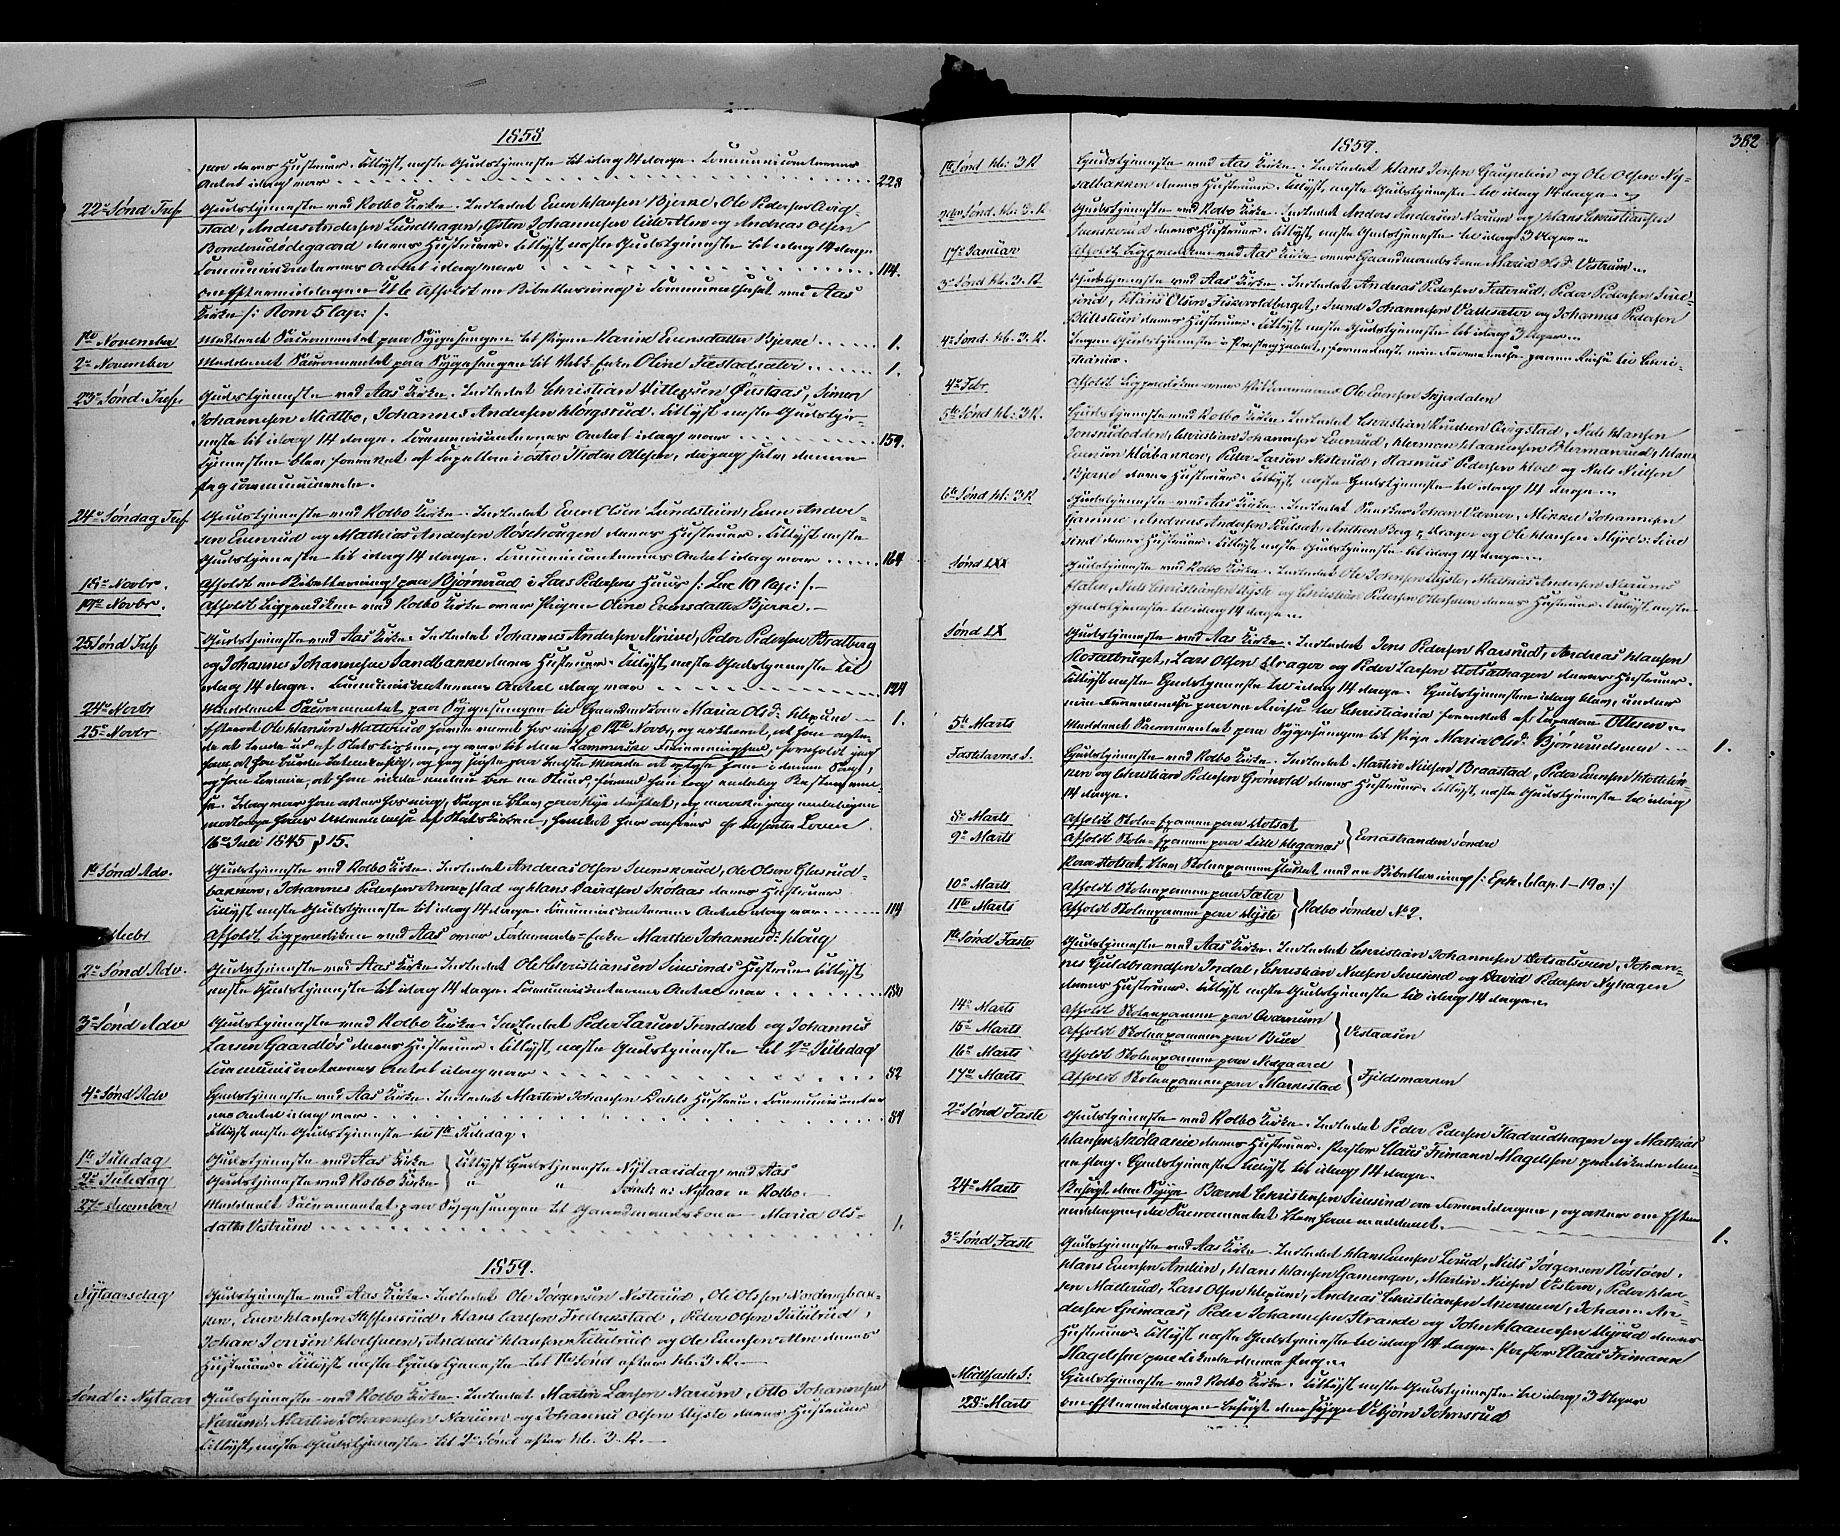 SAH, Vestre Toten prestekontor, Ministerialbok nr. 6, 1856-1861, s. 382